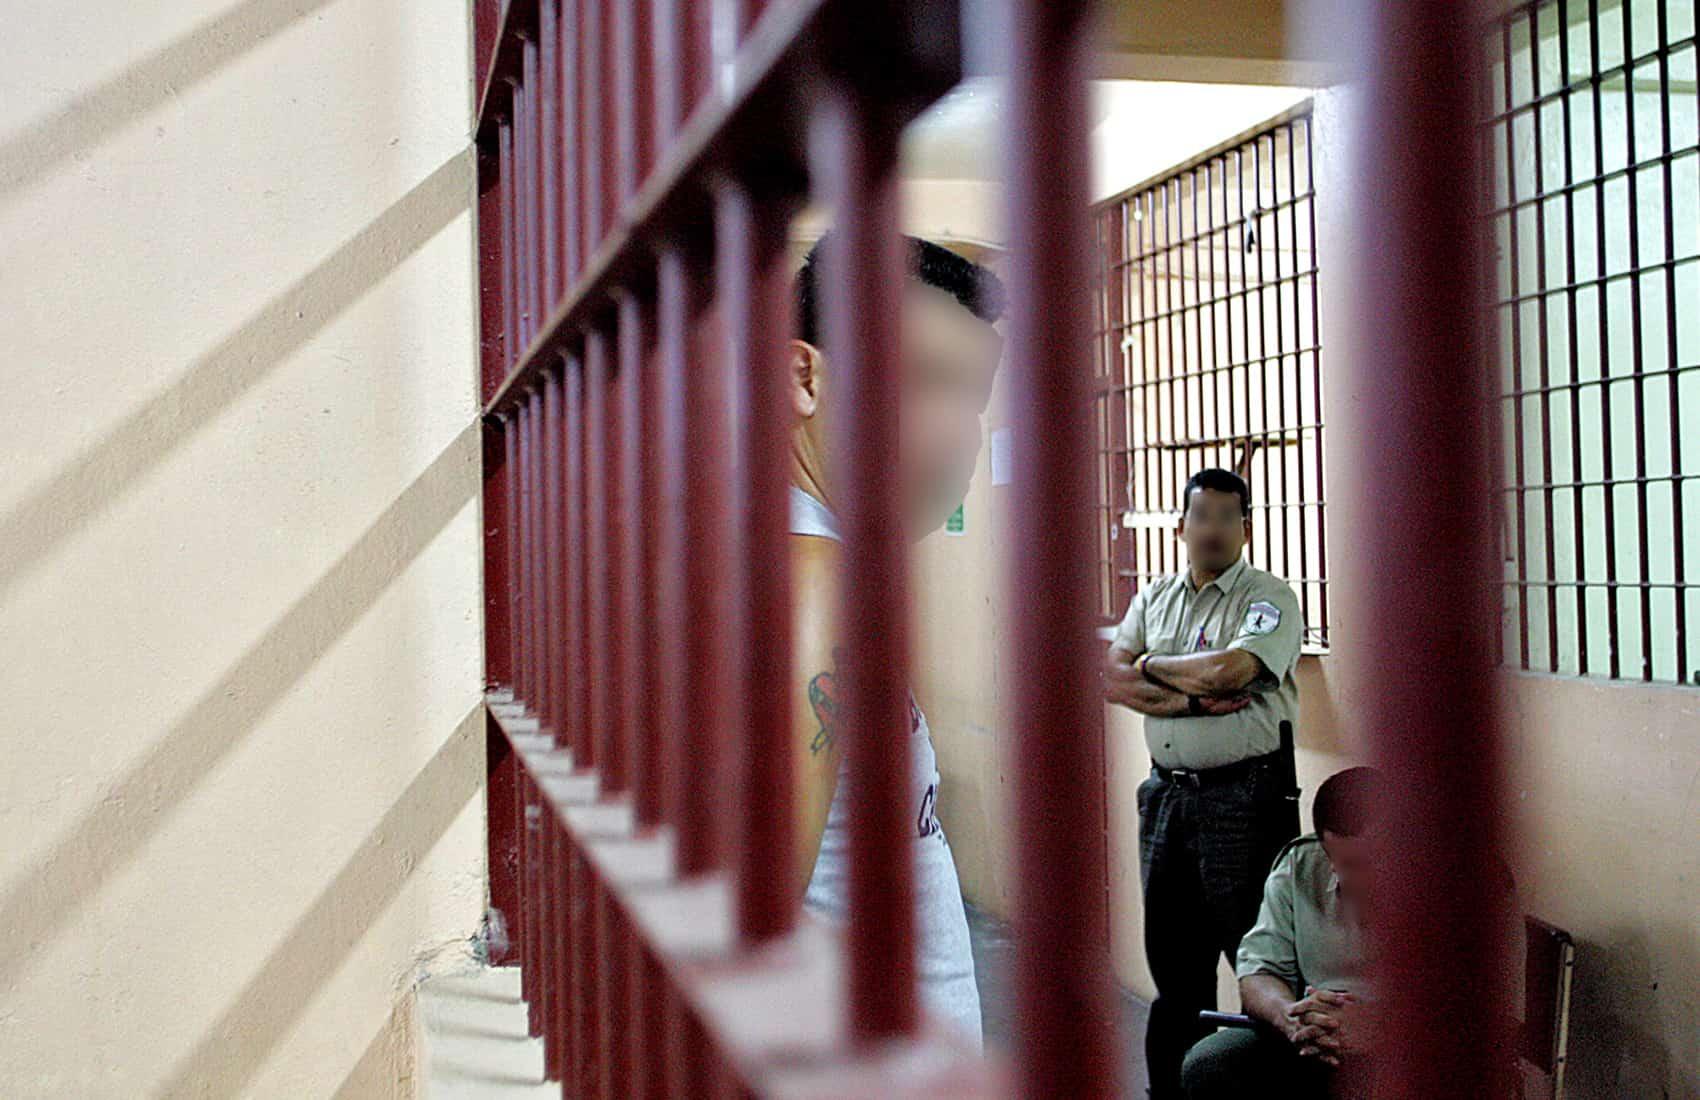 Costa Rica's prison system